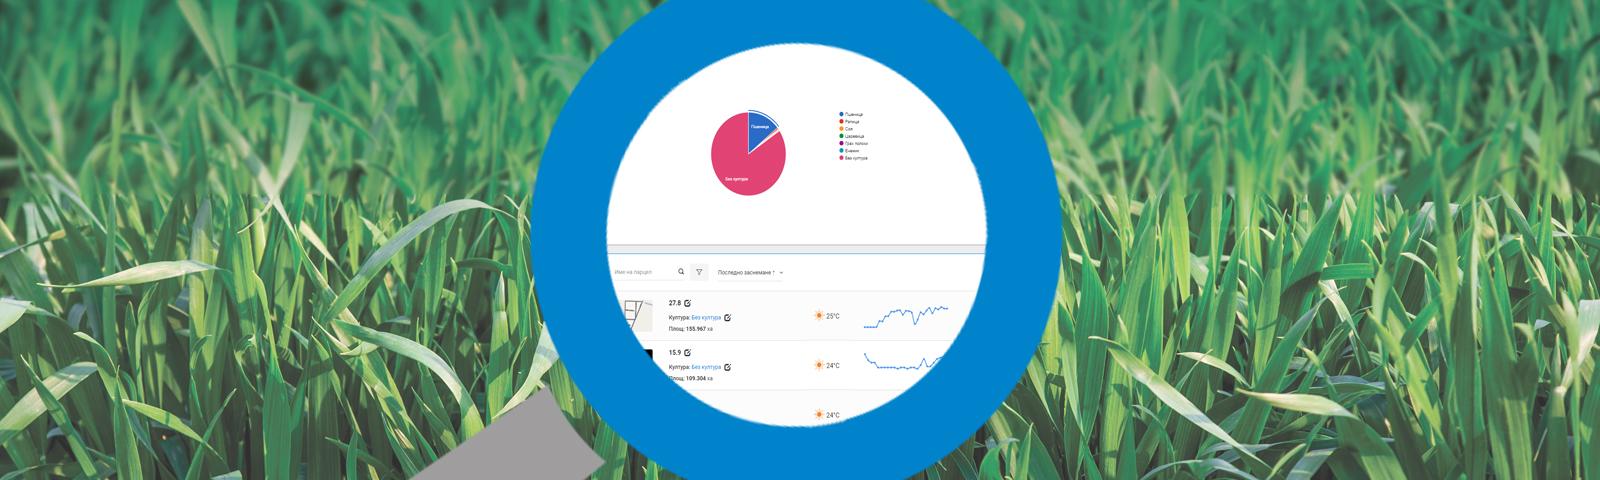 Ново основно табло с подробна статистика за стопанството в GeoSCAN